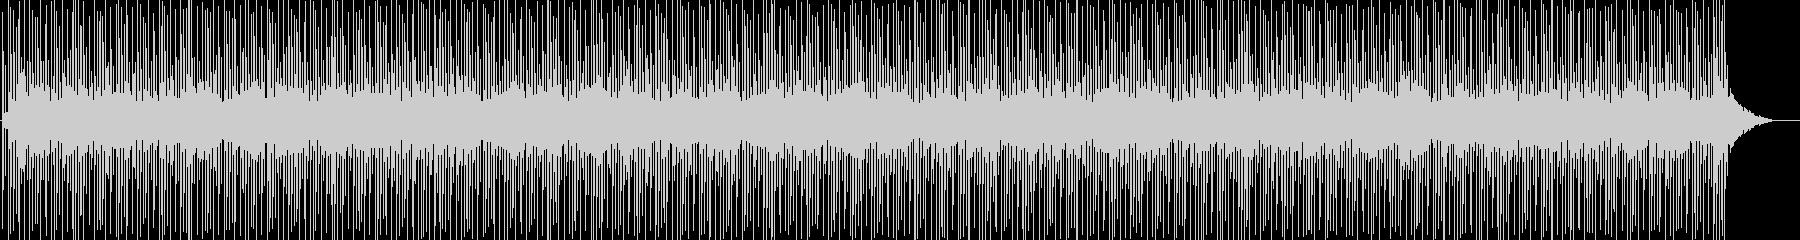 カワイイ系リズムパターンの未再生の波形